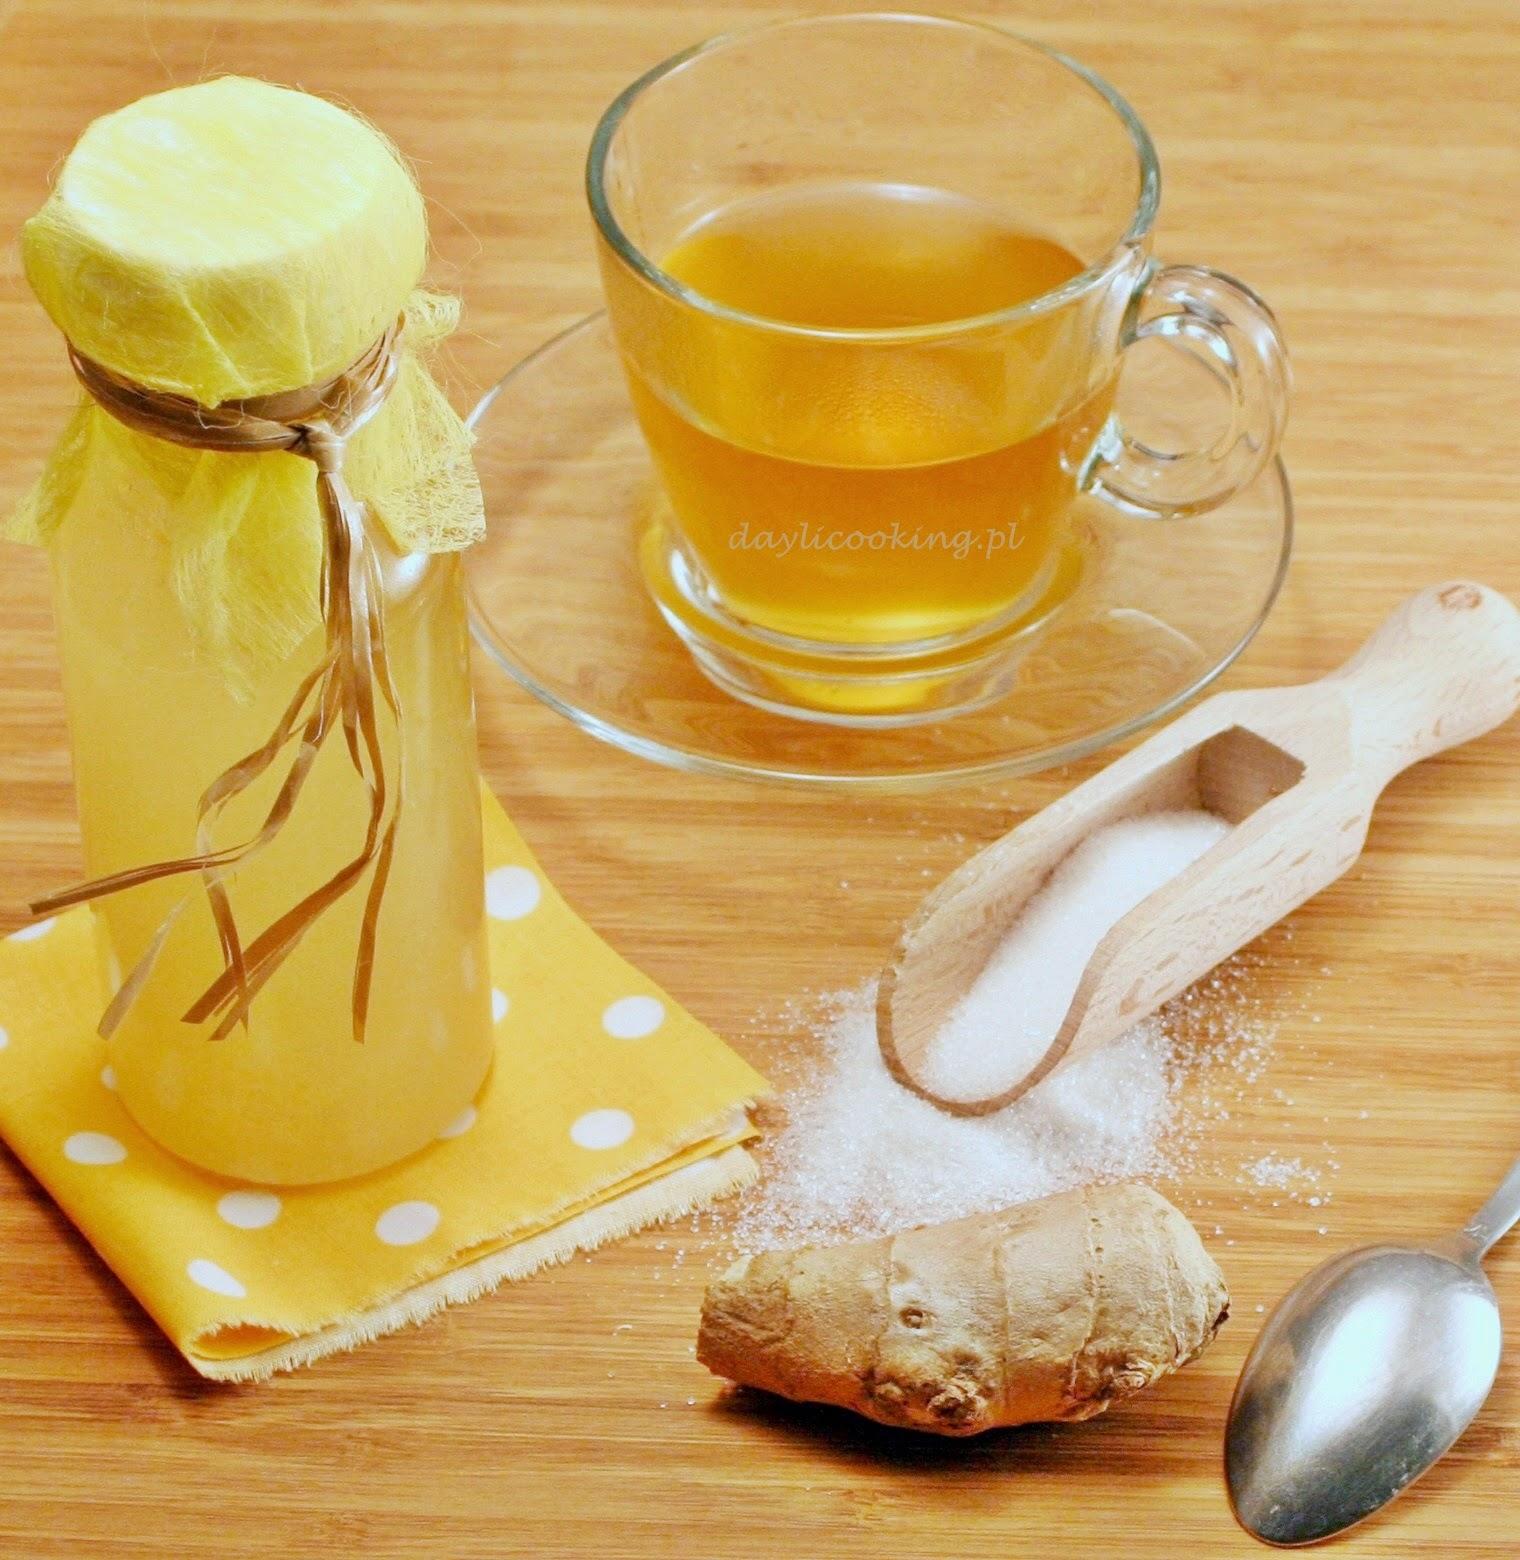 imbirowy syrop do herbaty, jak zrobić syrop z imbiru